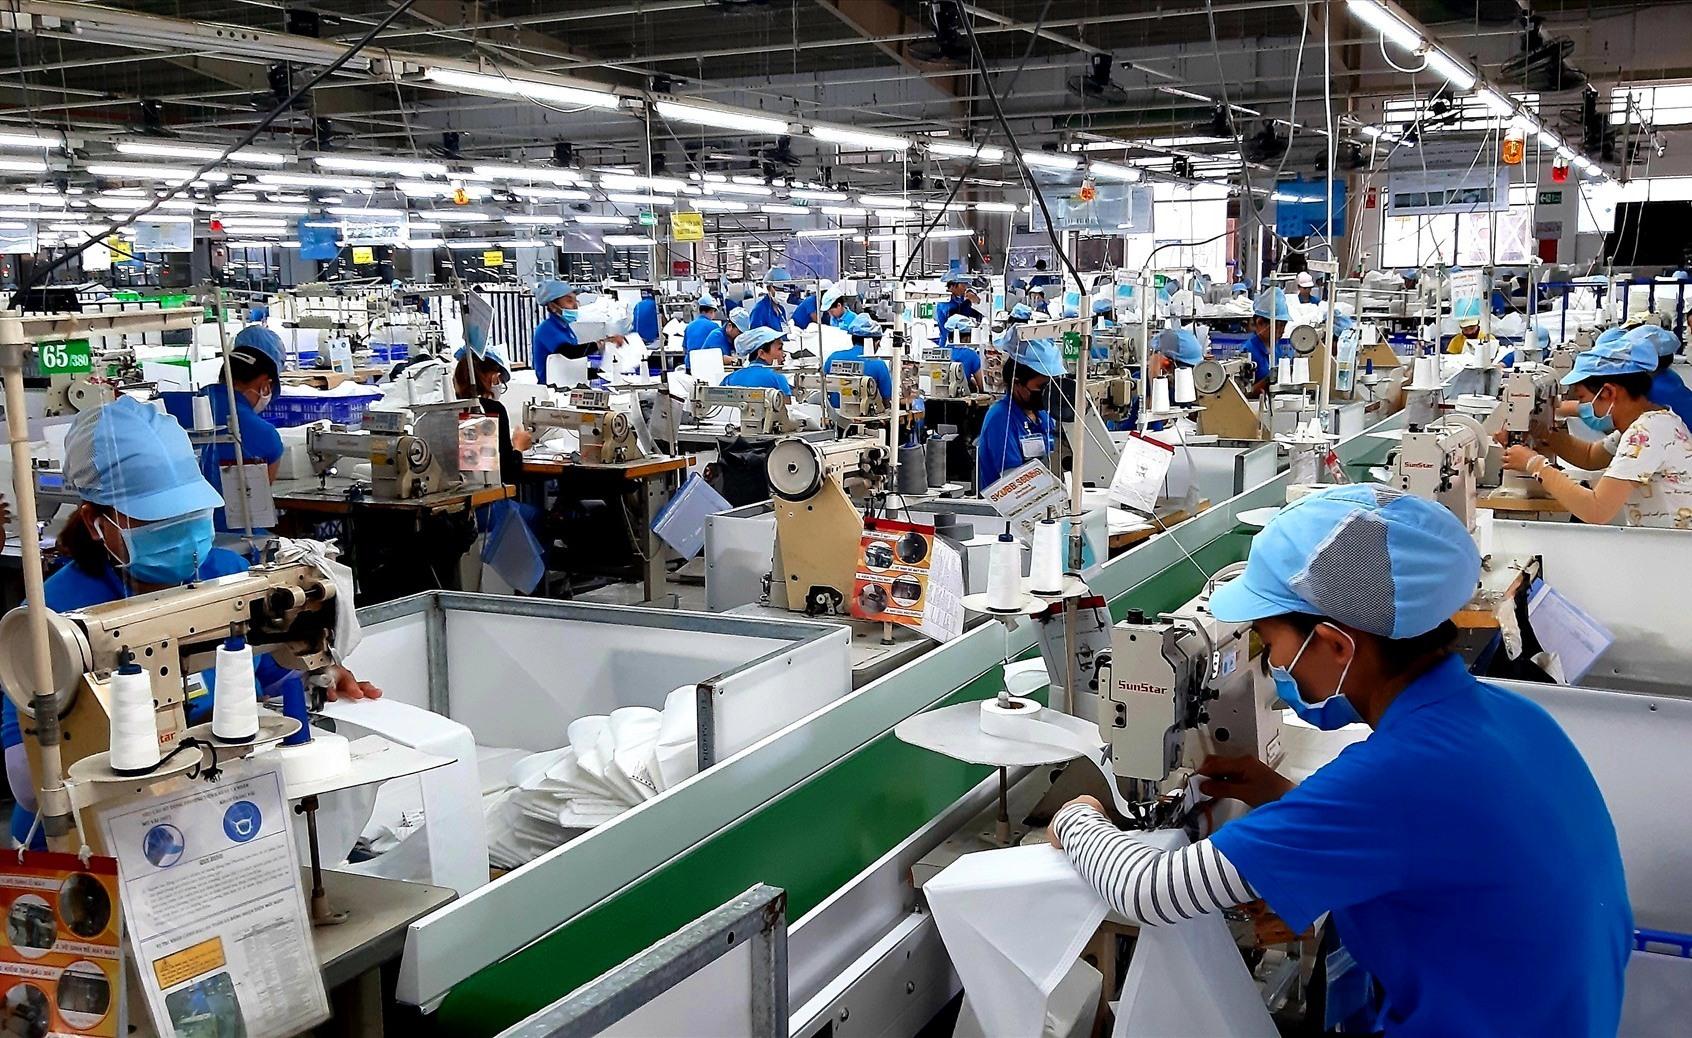 Nhờ nỗ lực thu hút doanh nghiệp vào đầu tư, nhiều lao động nông thôn ở Duy Xuyên có công ăn việc làm ổn định. Ảnh: VĂN SỰ